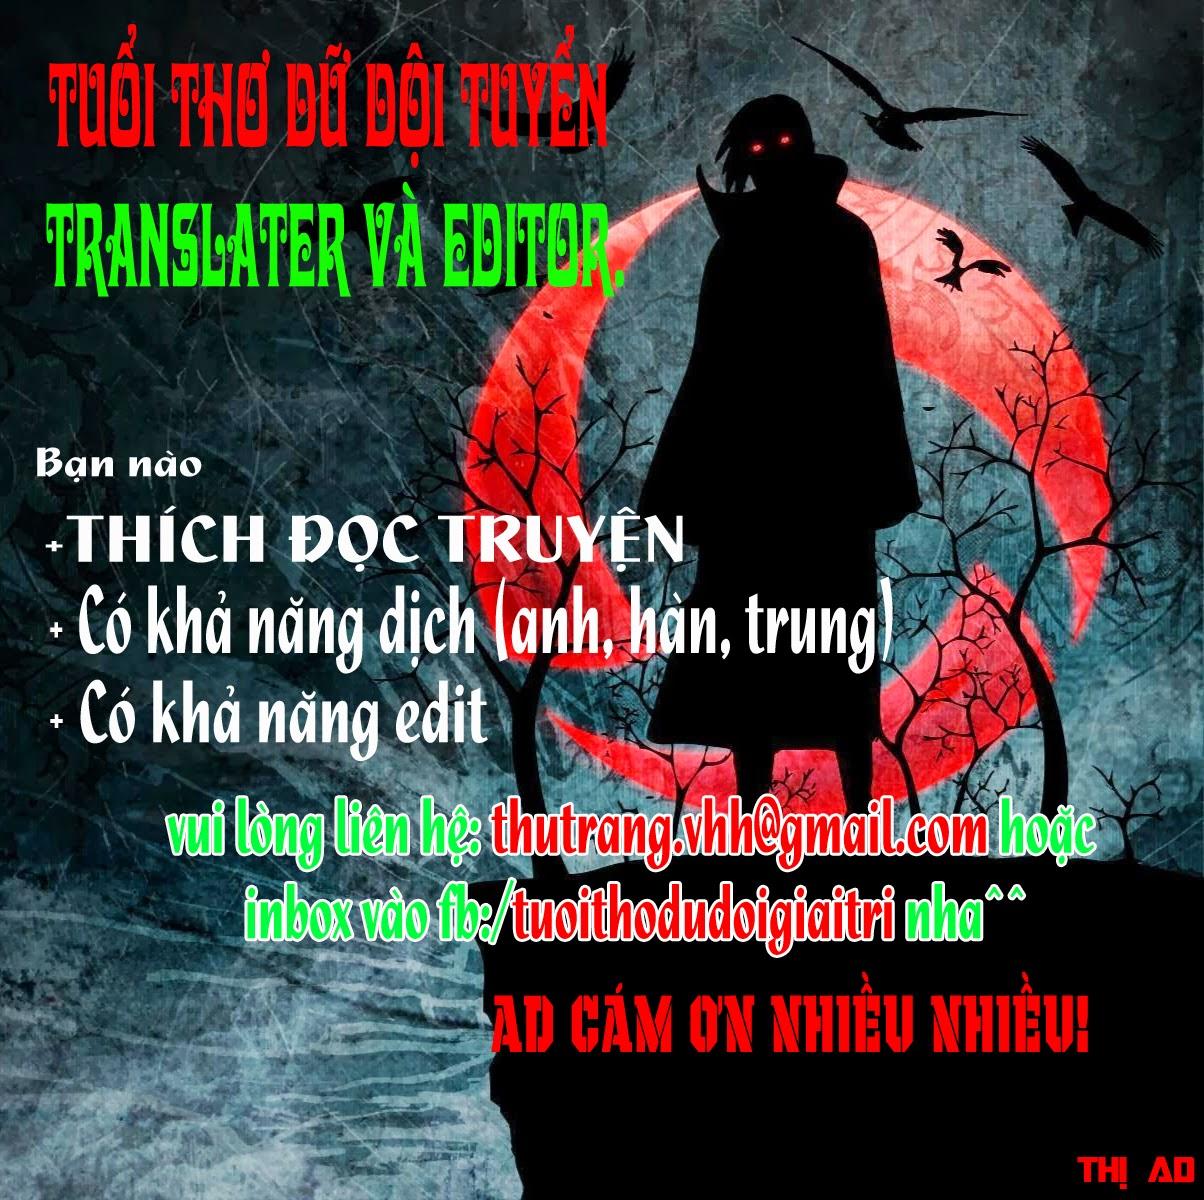 a3manga.com thien-diep-anh-hoa - Chap 26